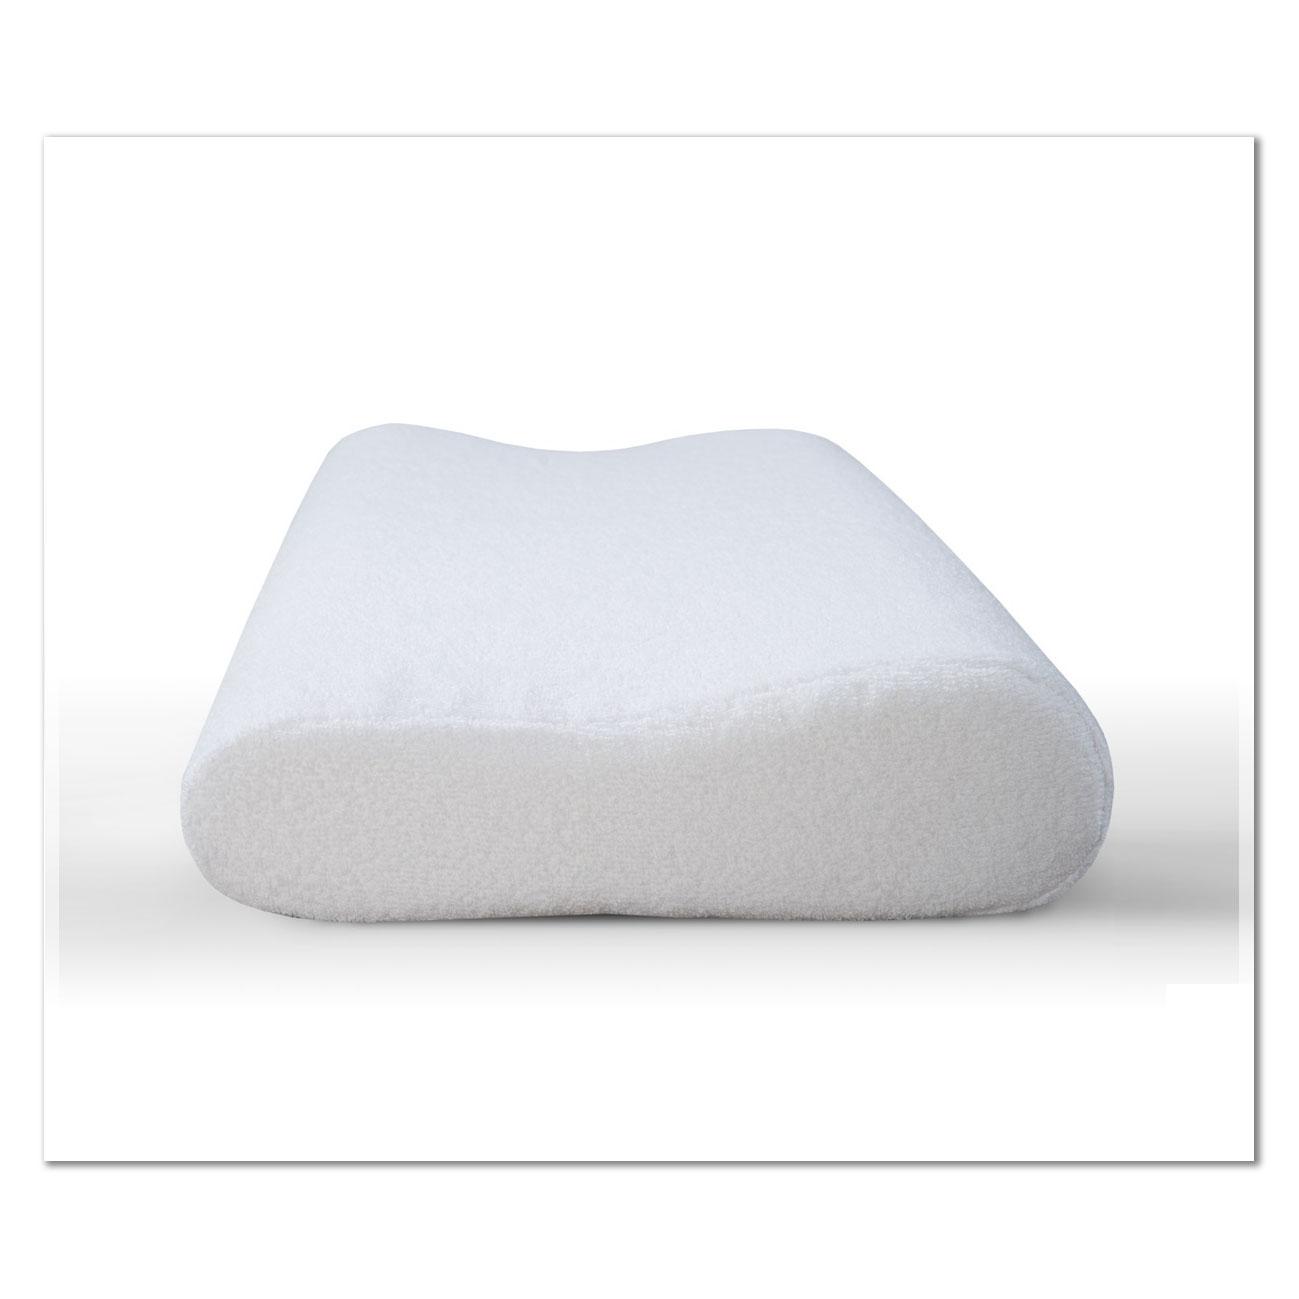 C комбинированным чехломПодушки ортопедические<br>Чехол: Съемный, на молнии <br>Высота подушки: 13 см<br><br>Тип: Подушка<br>Размер: 40х60<br>Материал: Полиэстер